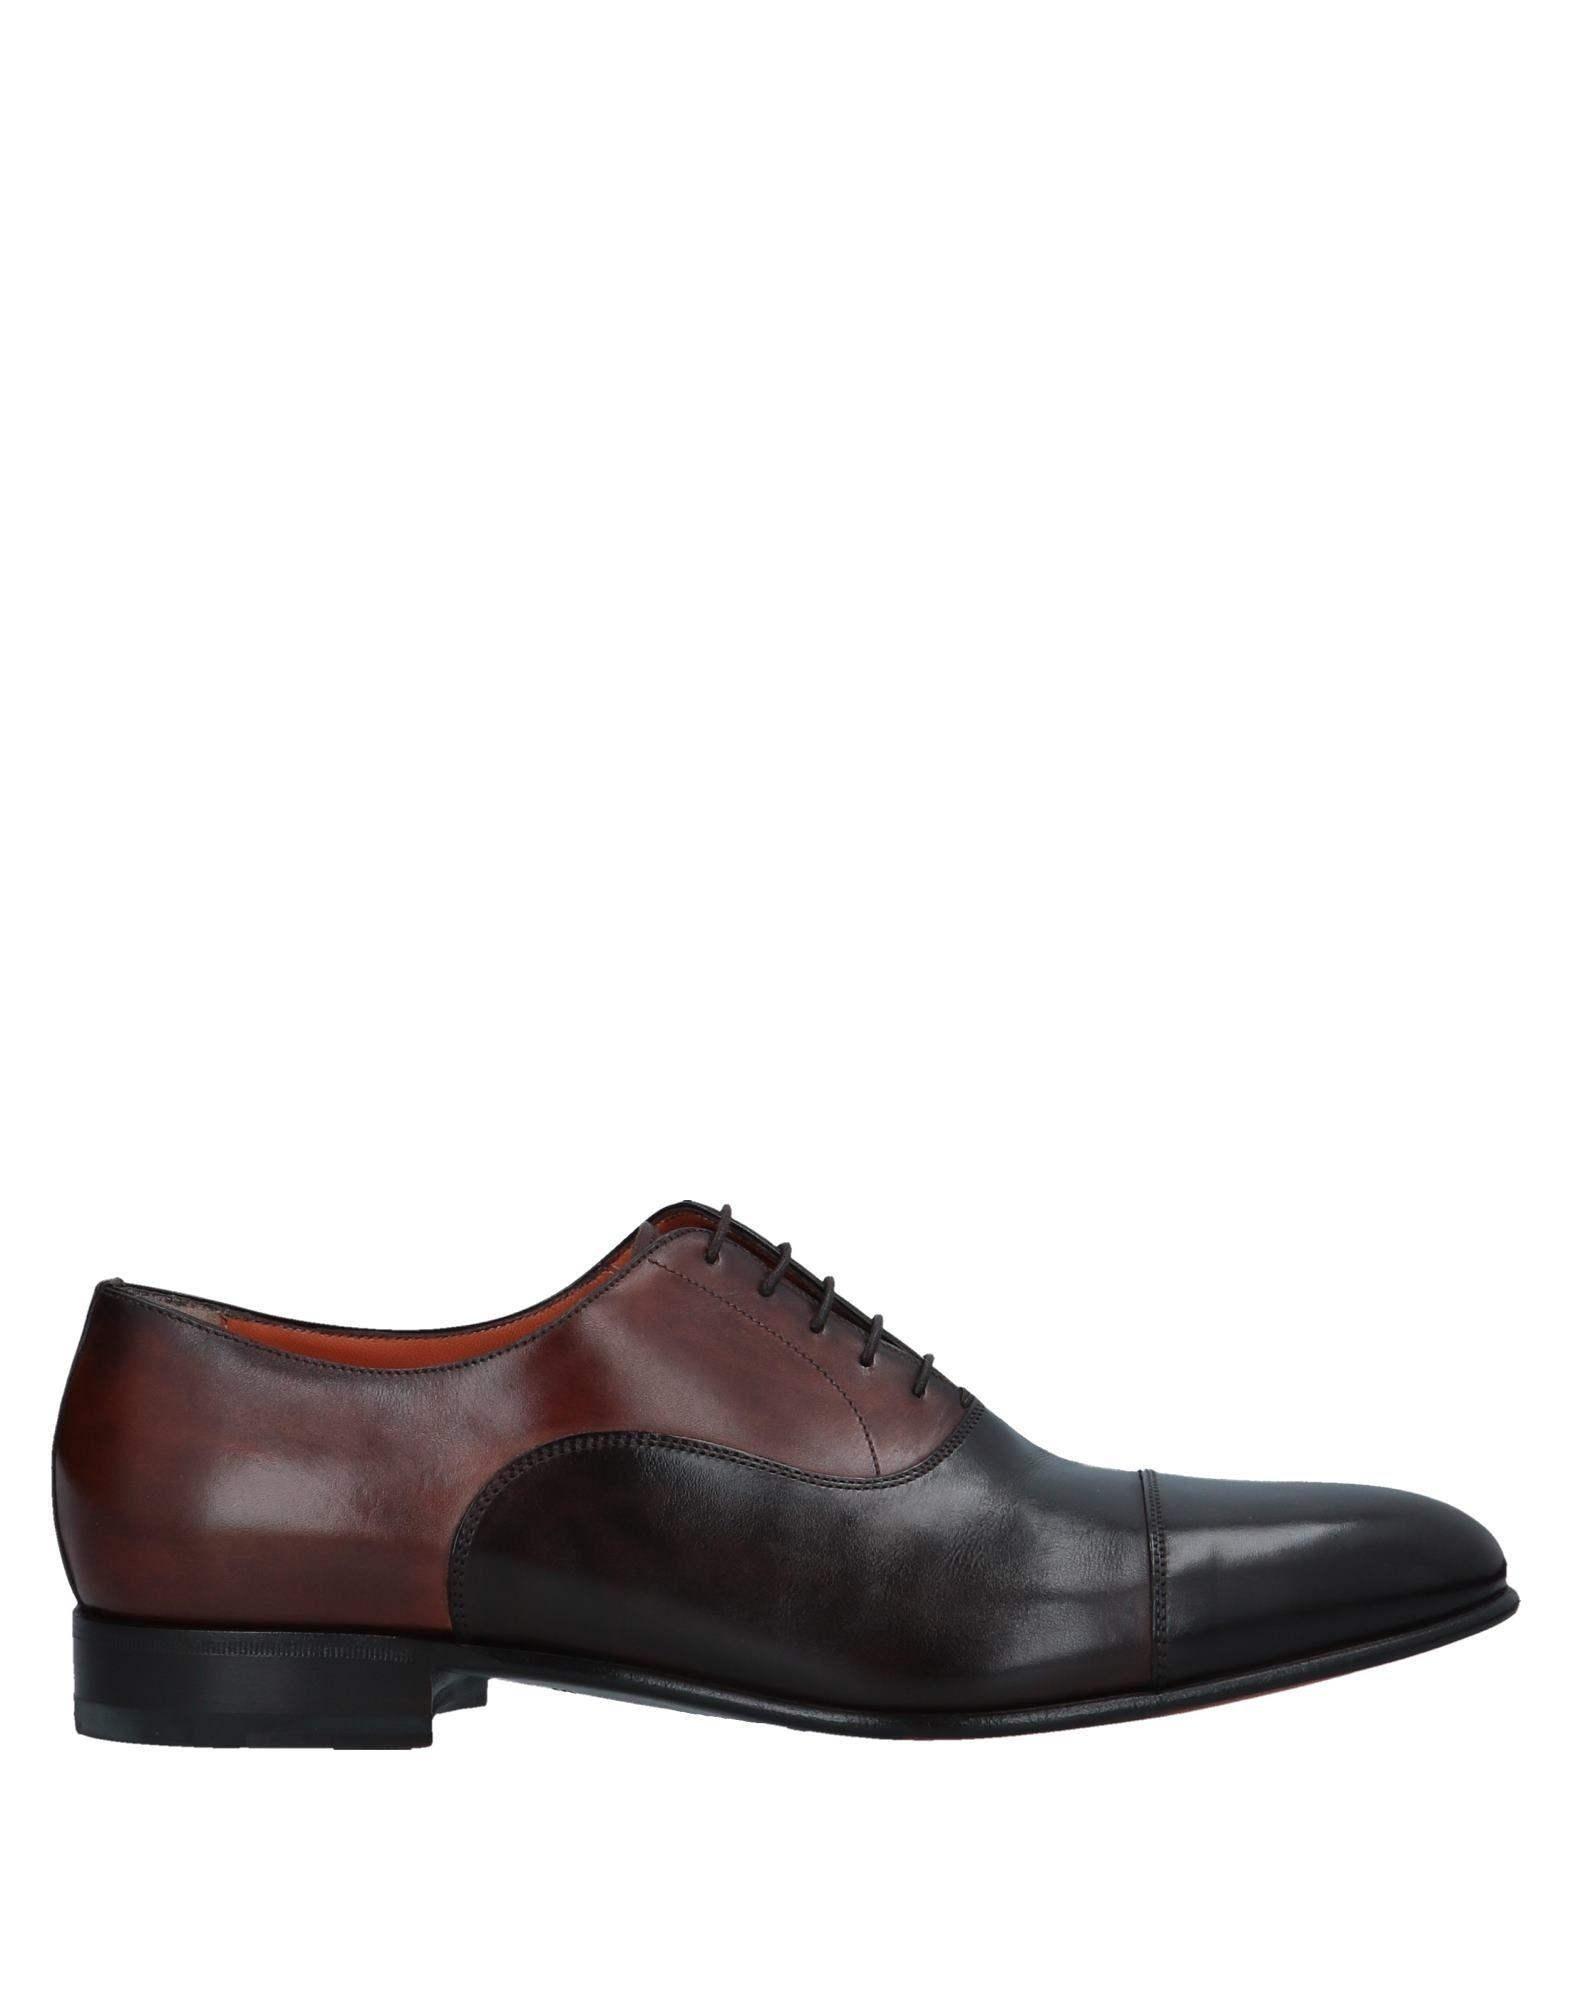 Tiempo limitado especial Zapato Santoni De Cordones Cordones Santoni Zapato Hombre a95ec2